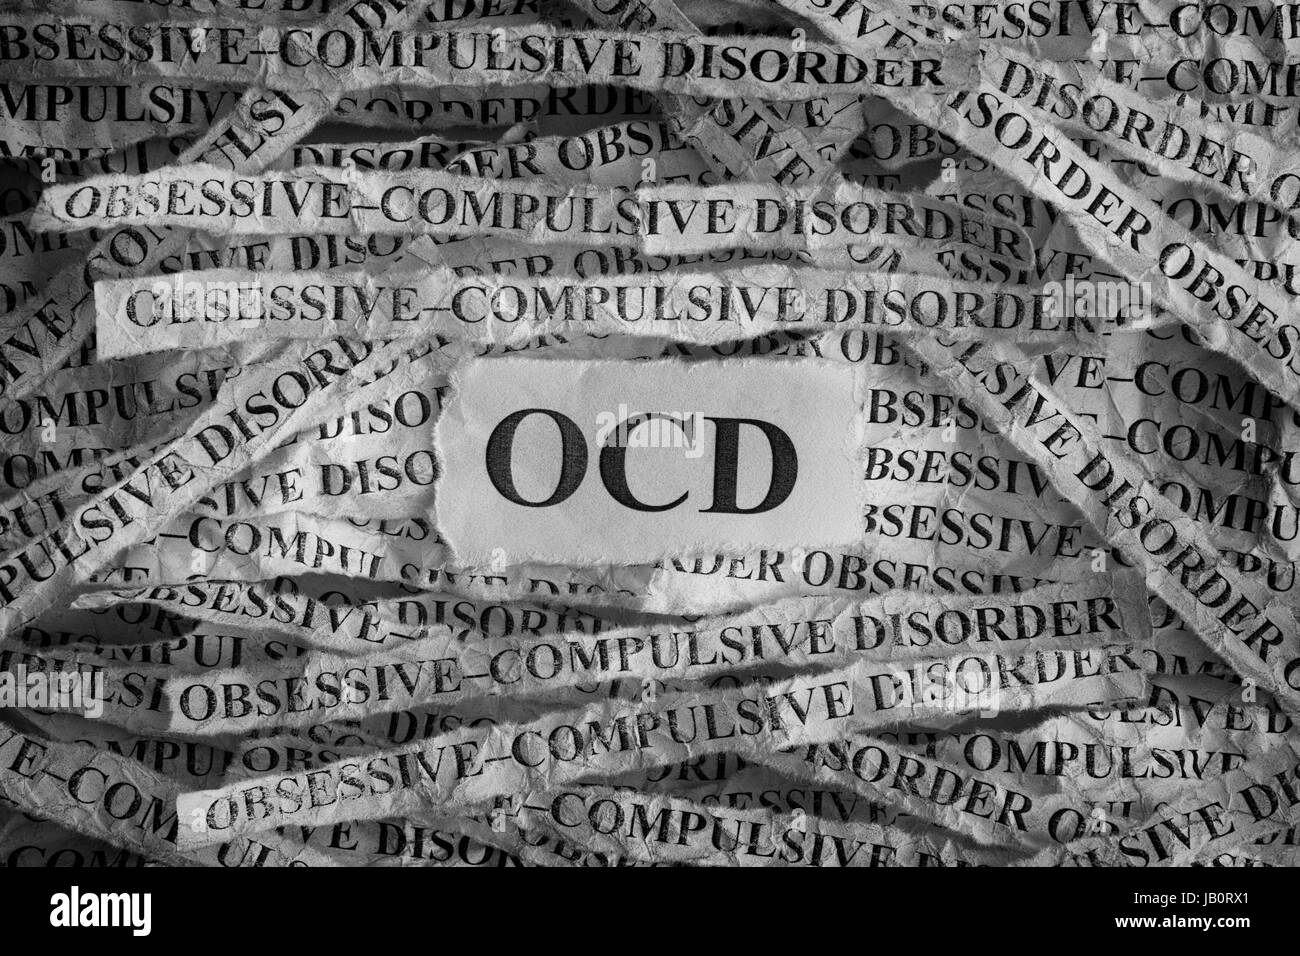 Zwangsstörungen (OCD). Zerrissenen Zettel mit den Worten Zwangsstörung. Konzept-Bild. Schwarz und weiß. Stockbild